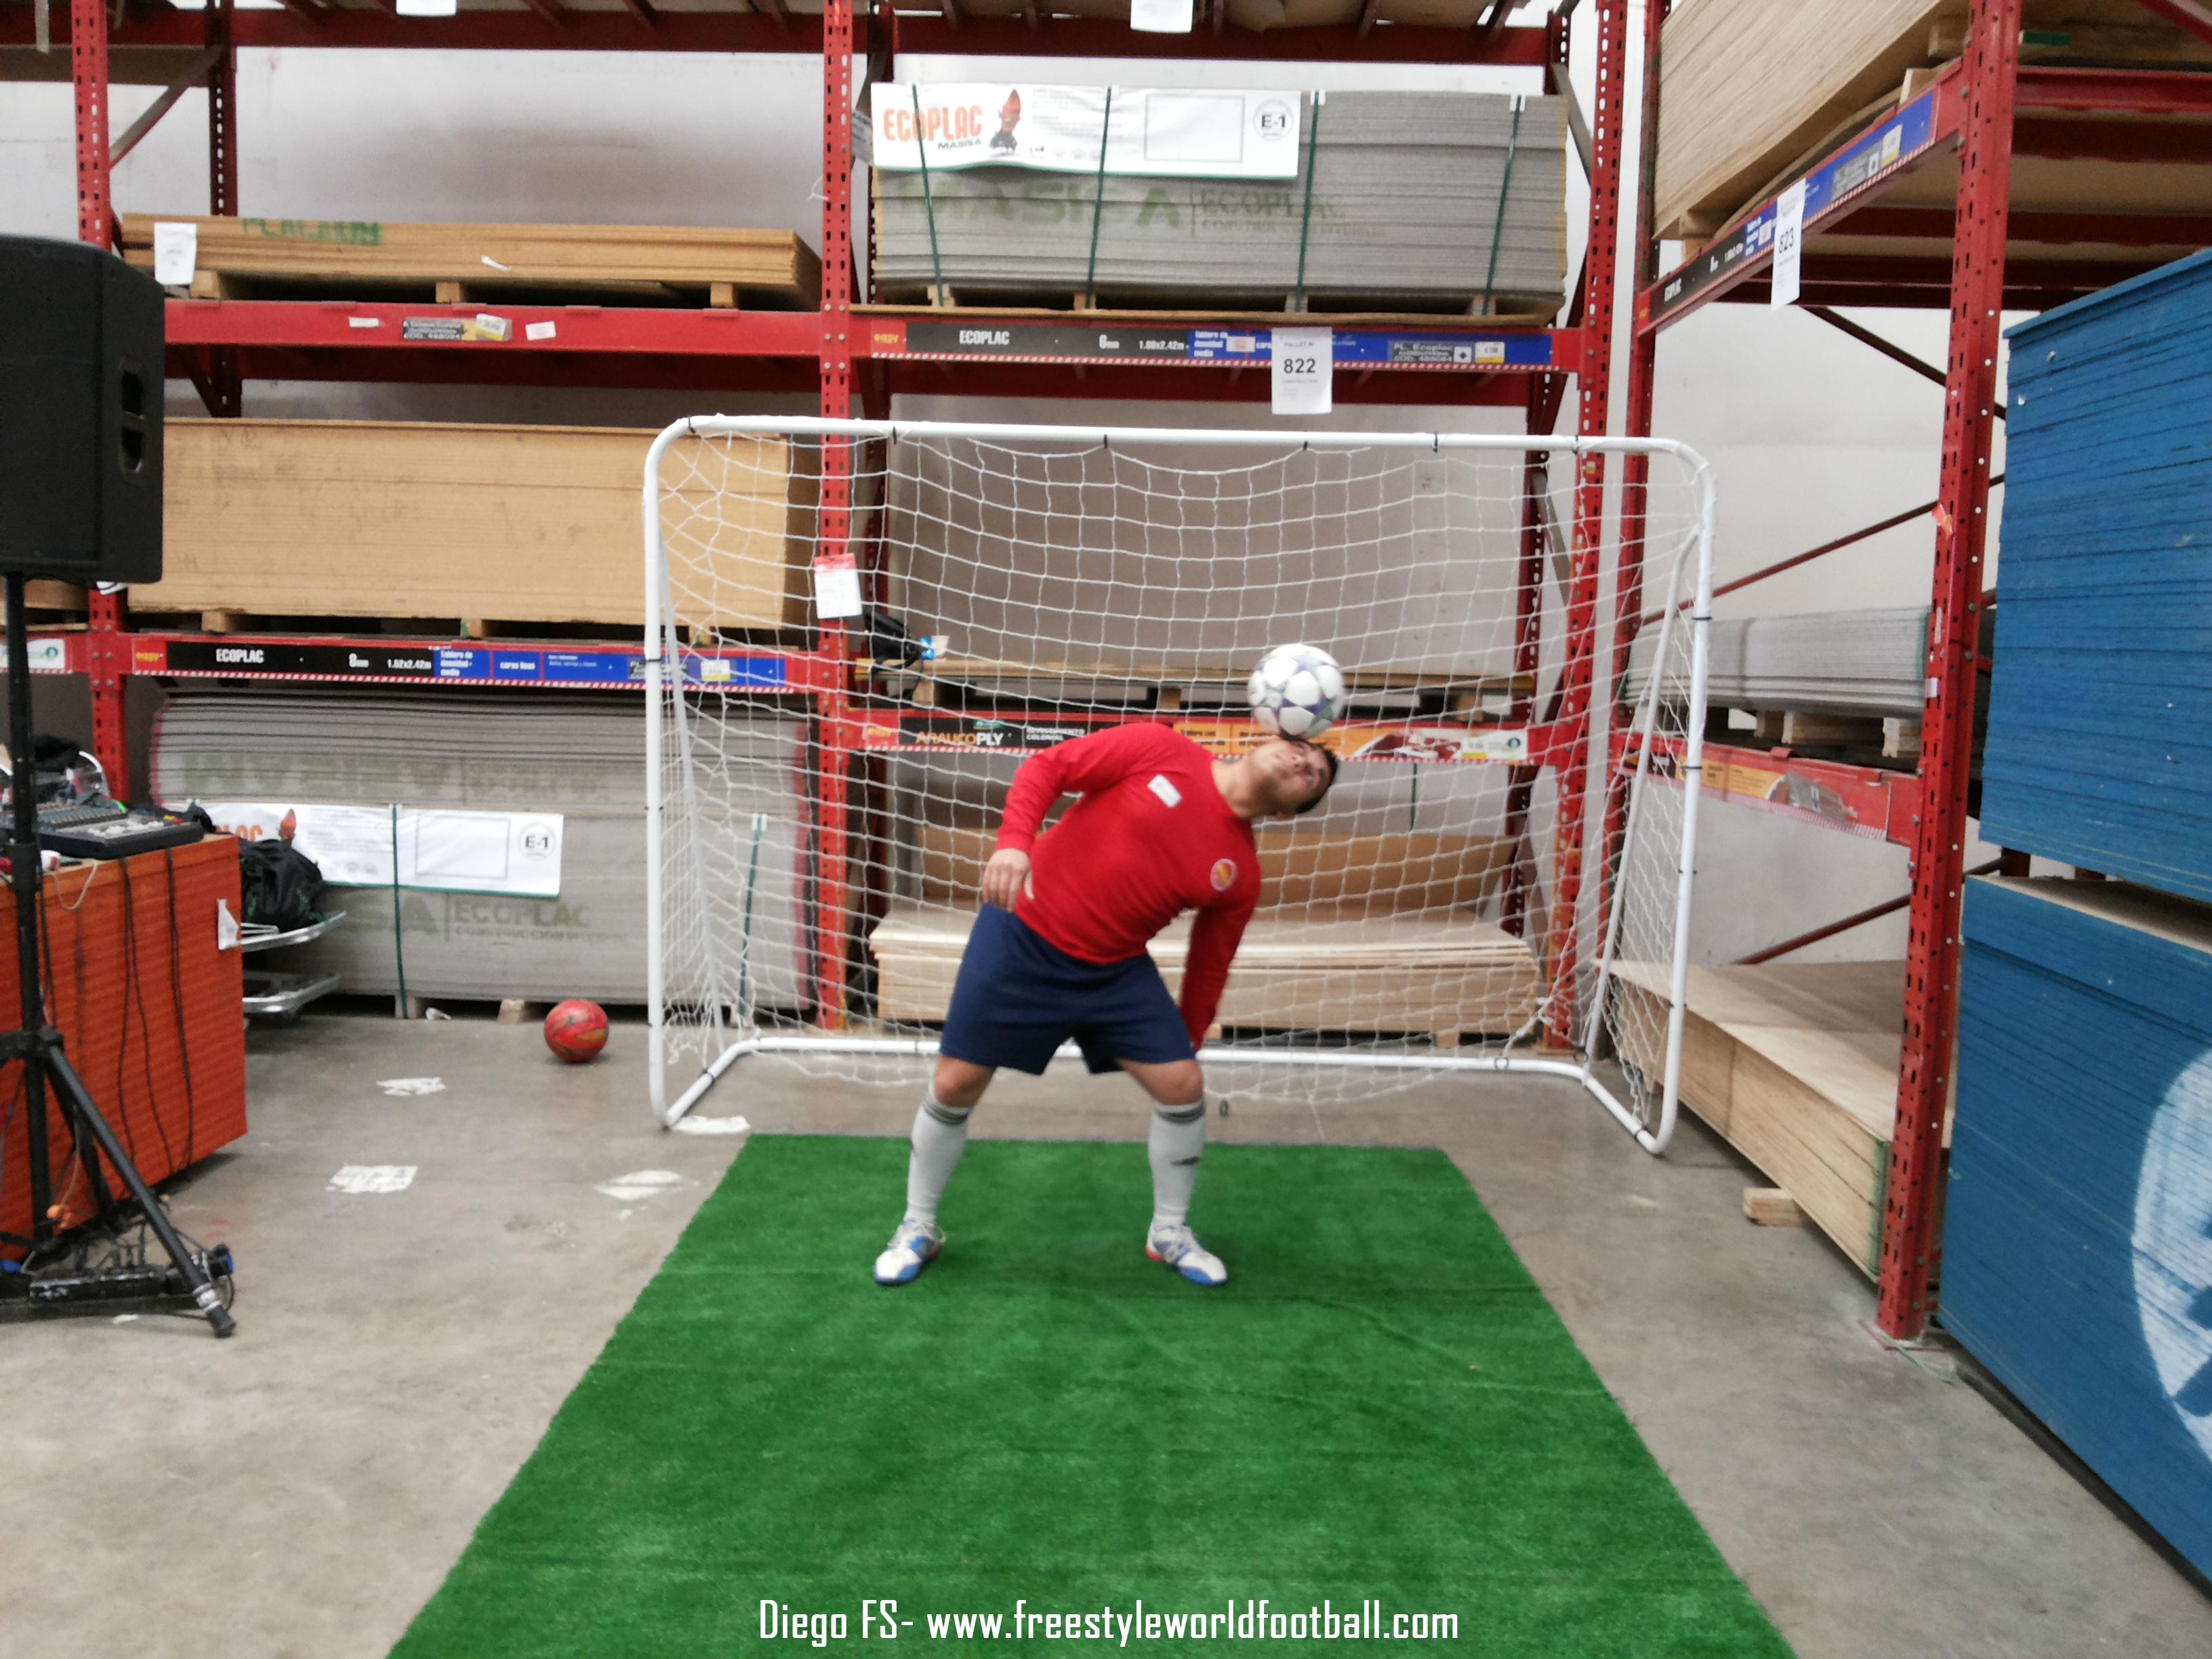 DIEGO FS - www.freestyleworldfootball.com - 001.jpg